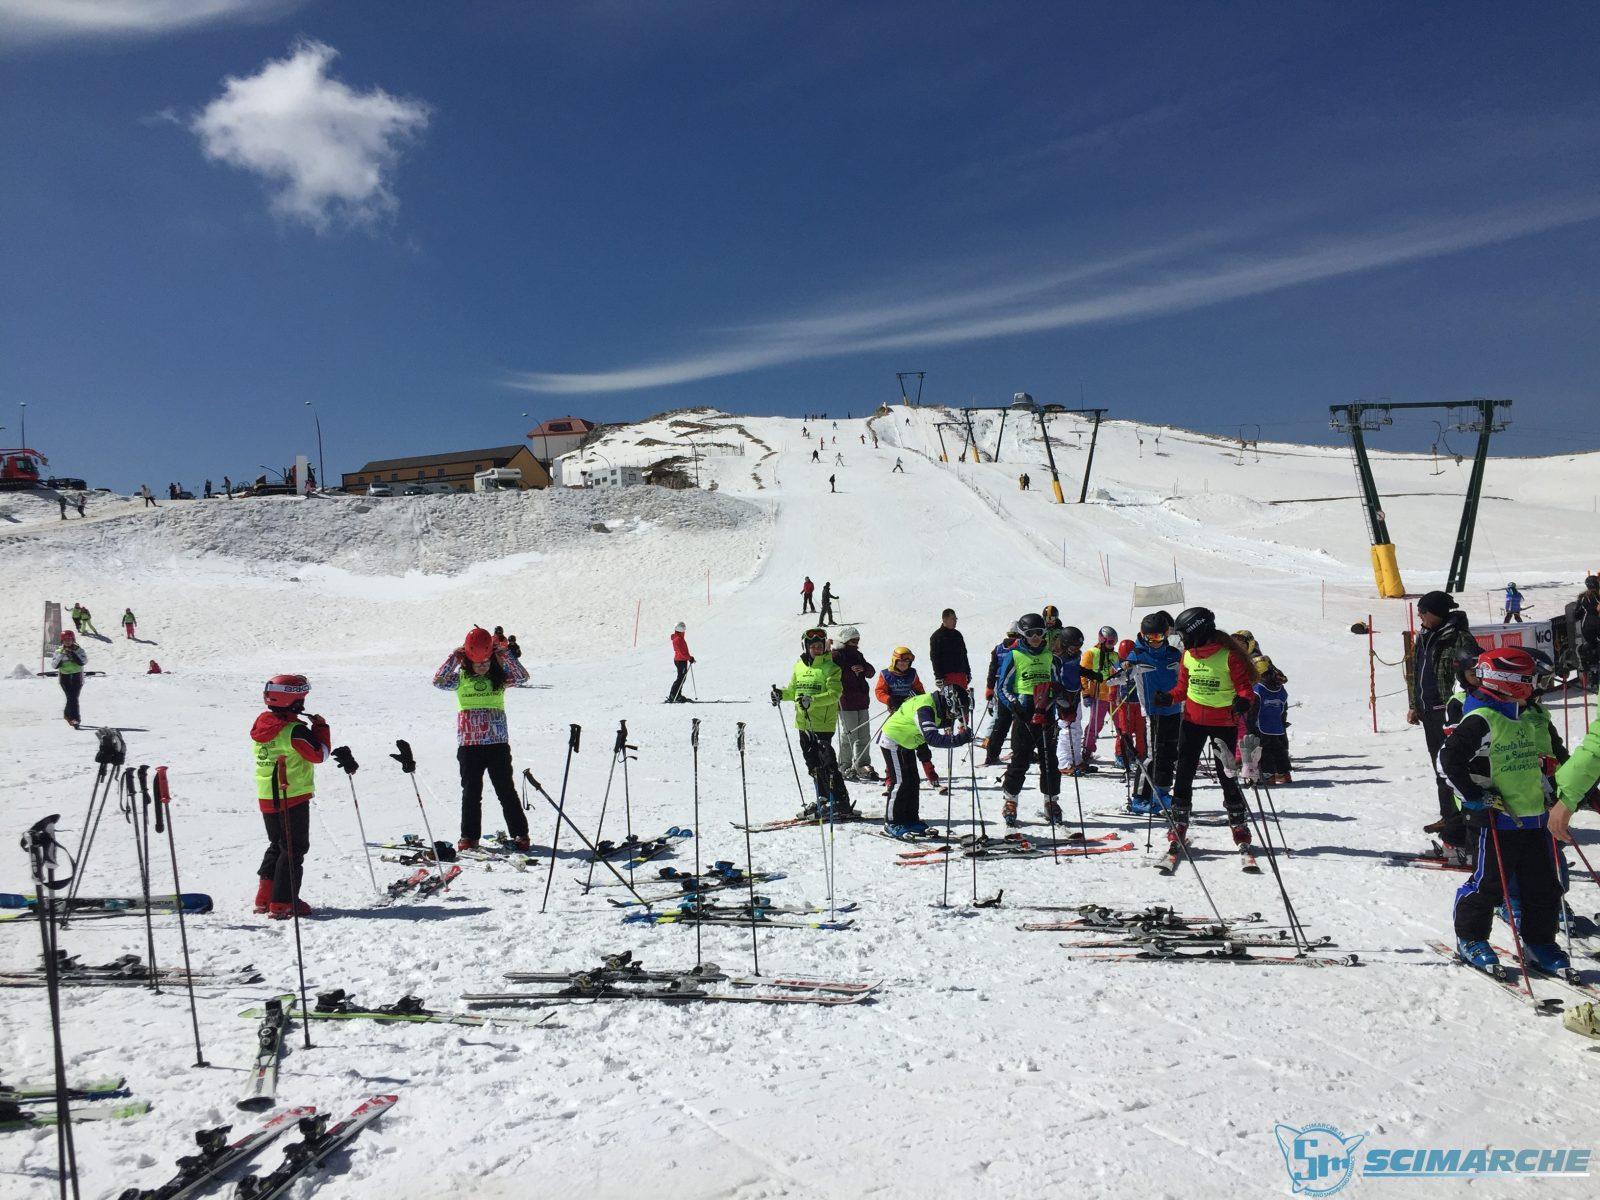 Sciare a Campocatino - Lazio